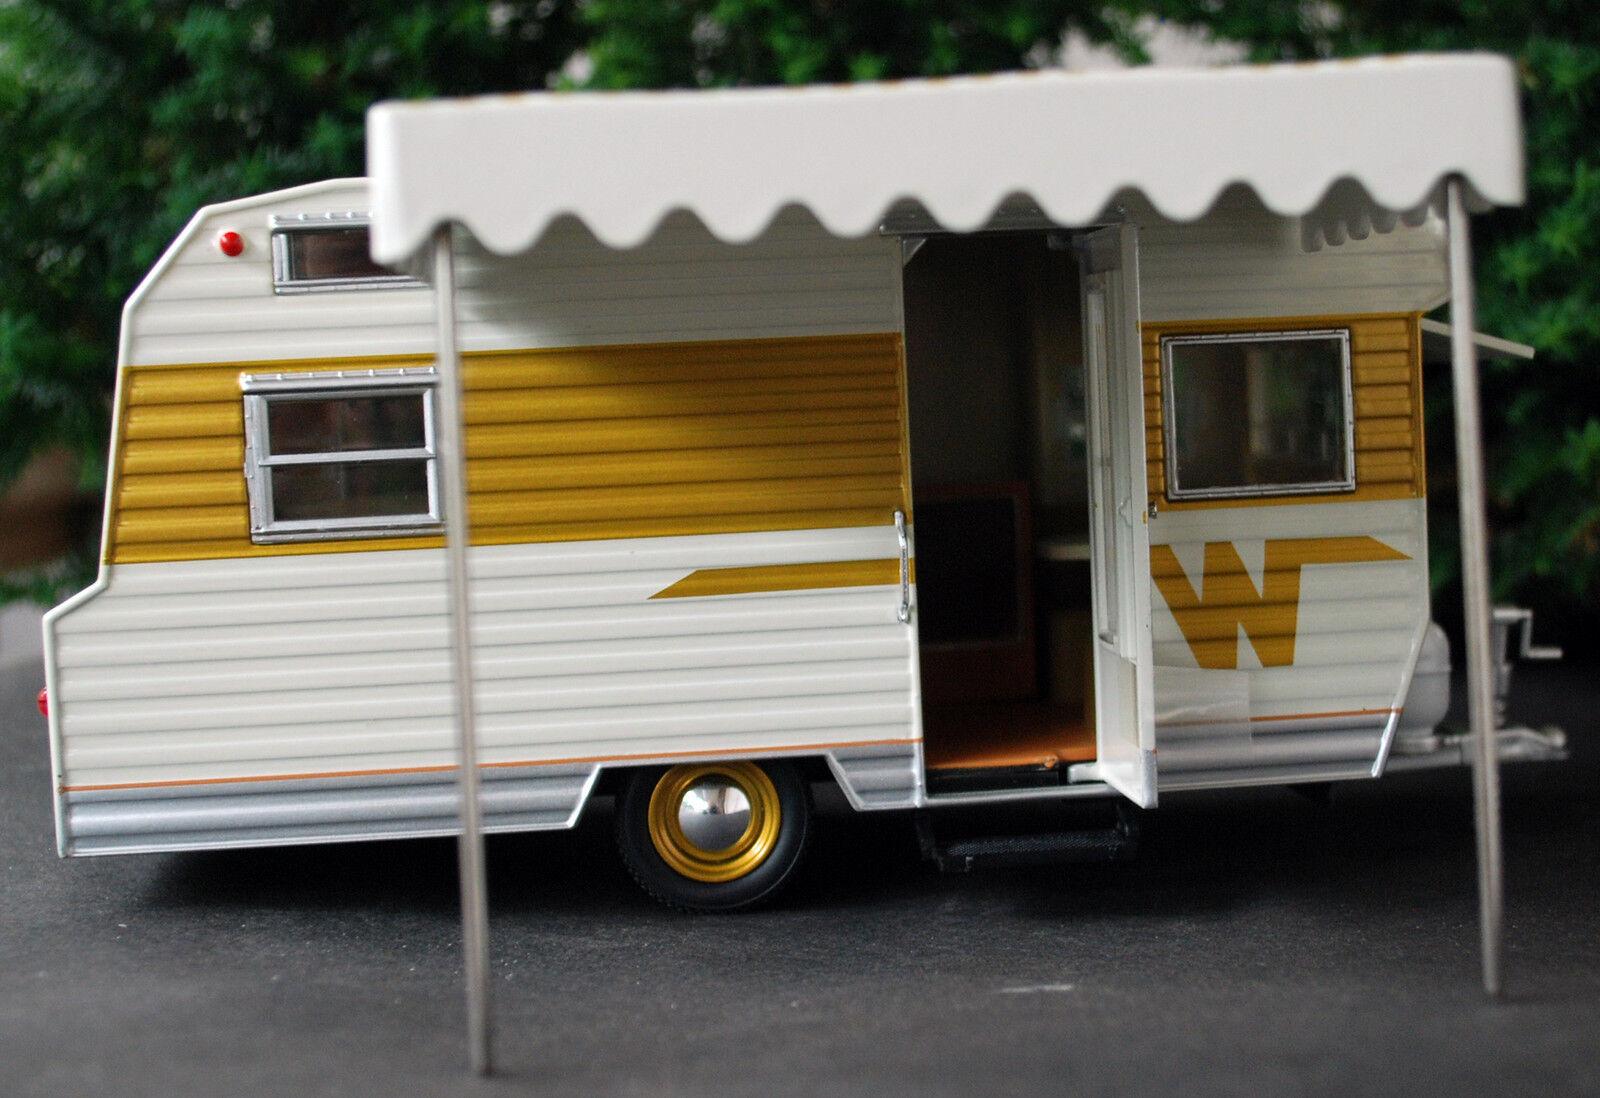 1964 Winnebago 216 Camping Trailer Camping Anhänger 1 24 Green Light 18420